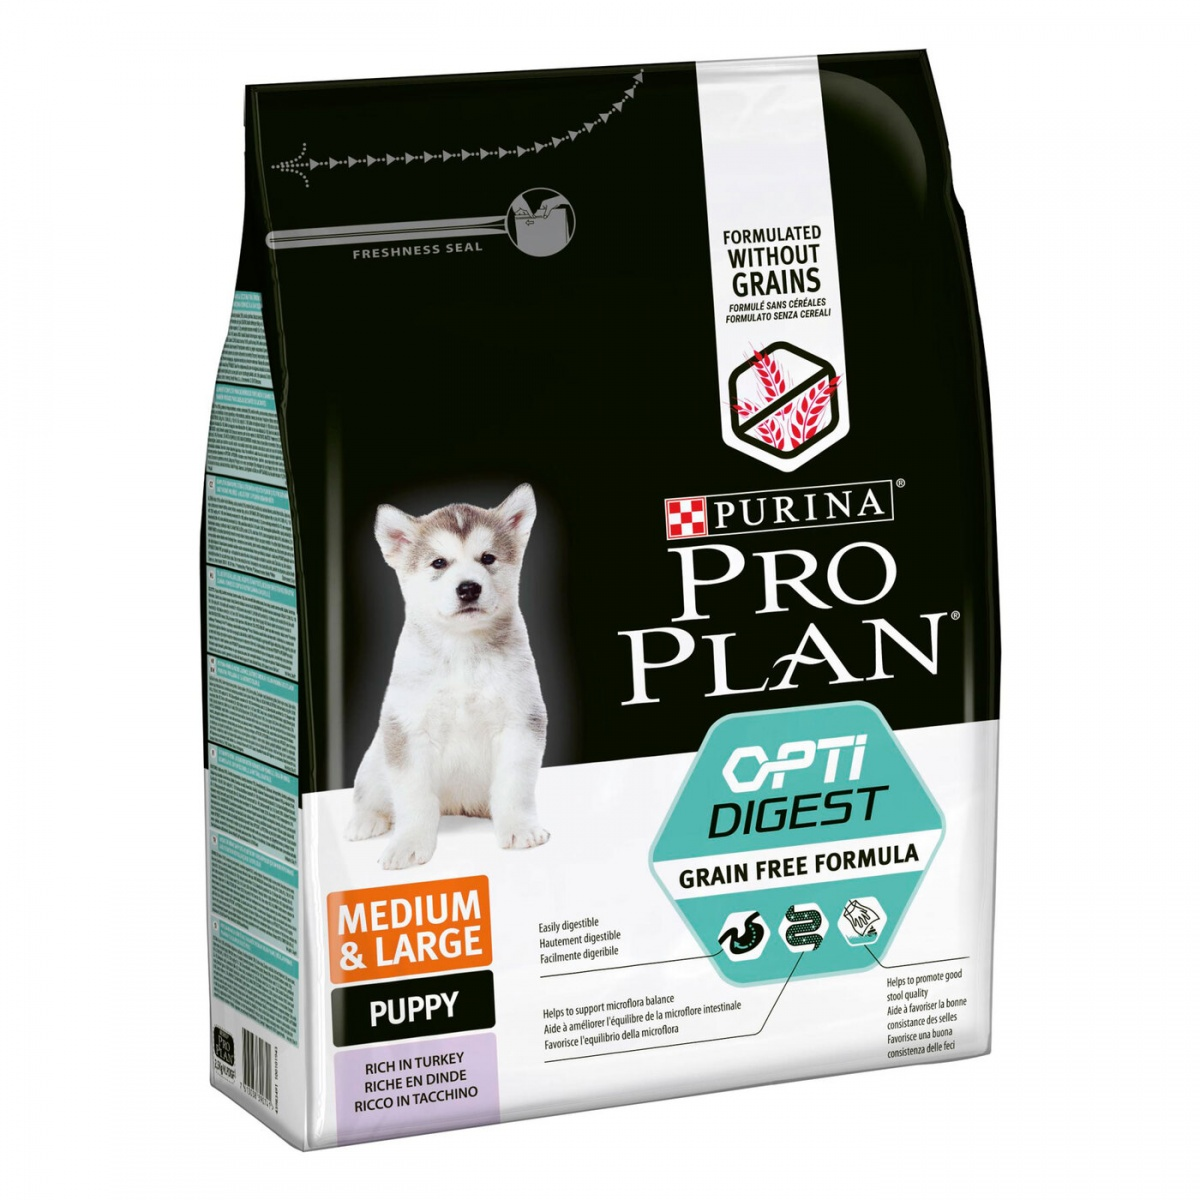 PRO PLAN Puppy Grain Free Про План беззерновой корм для щенков средних и крупных пород с индейкой